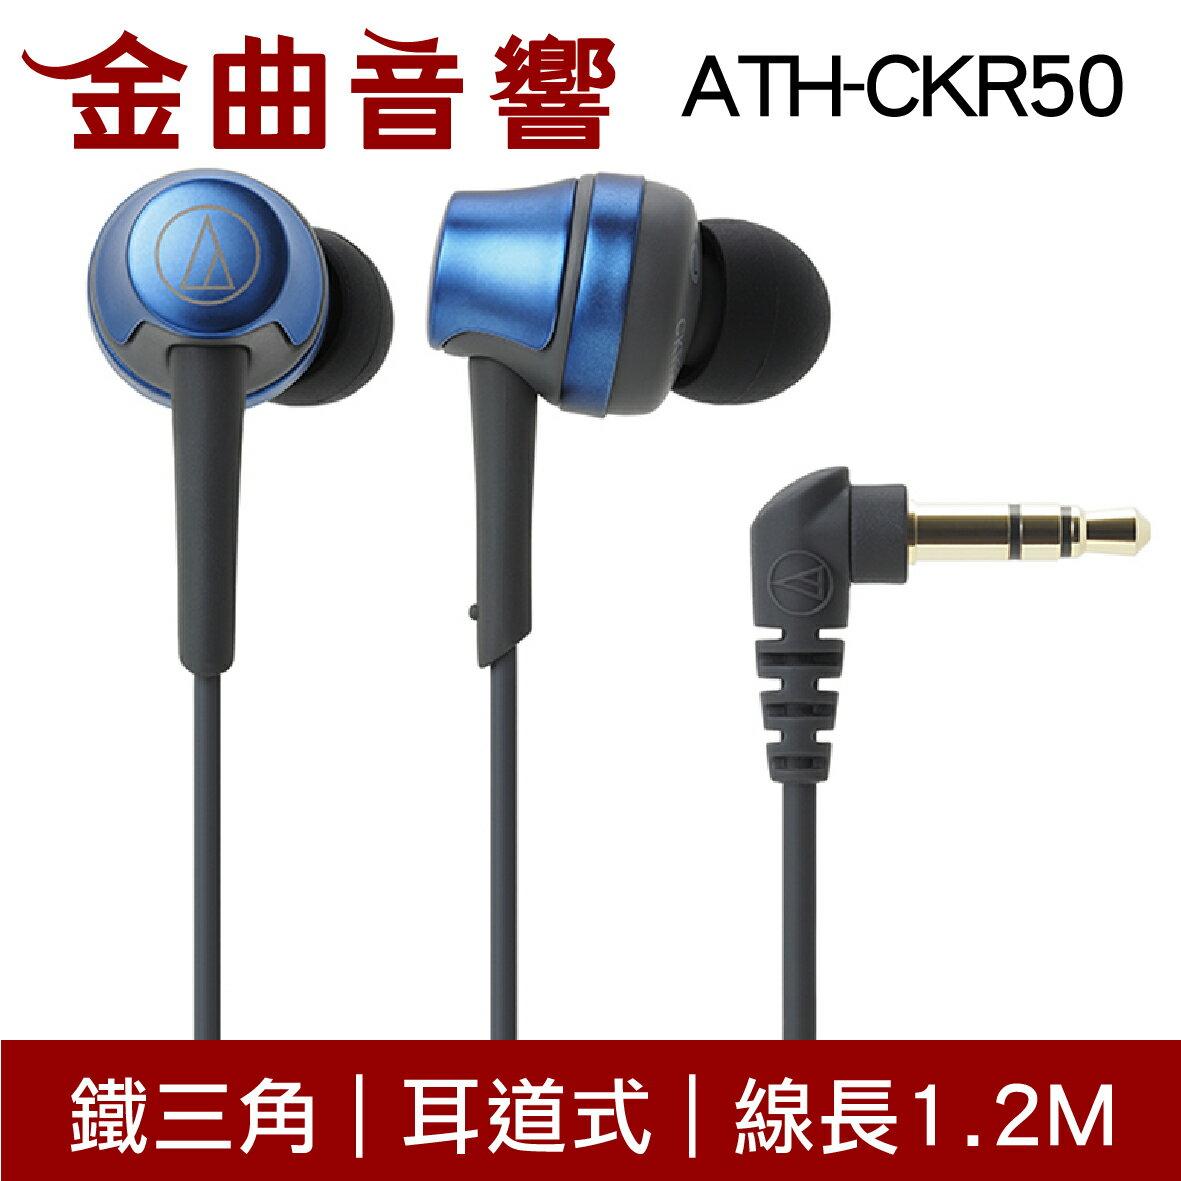 鐵三角 ATH-CKR50 多色可選 耳道式耳機 | 金曲音響